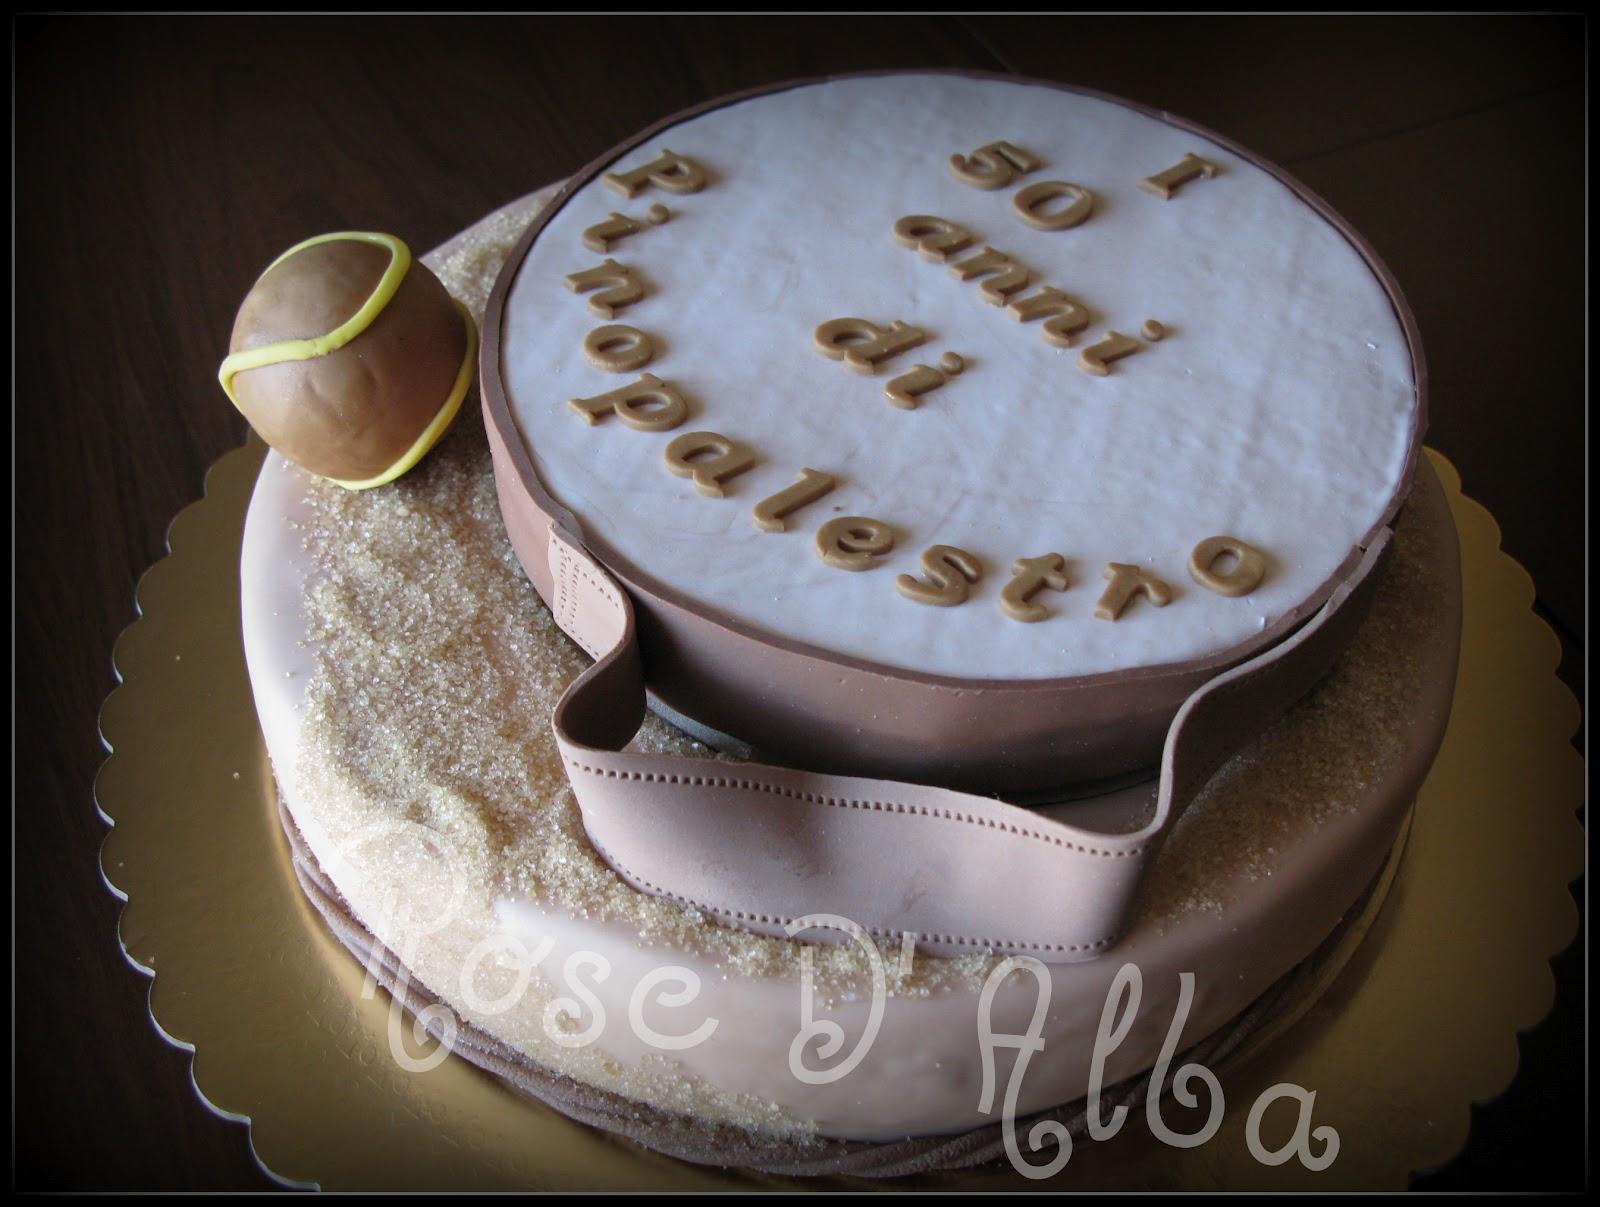 Zuppa Ricetta Torte Compleanno 50 Anni Uomo